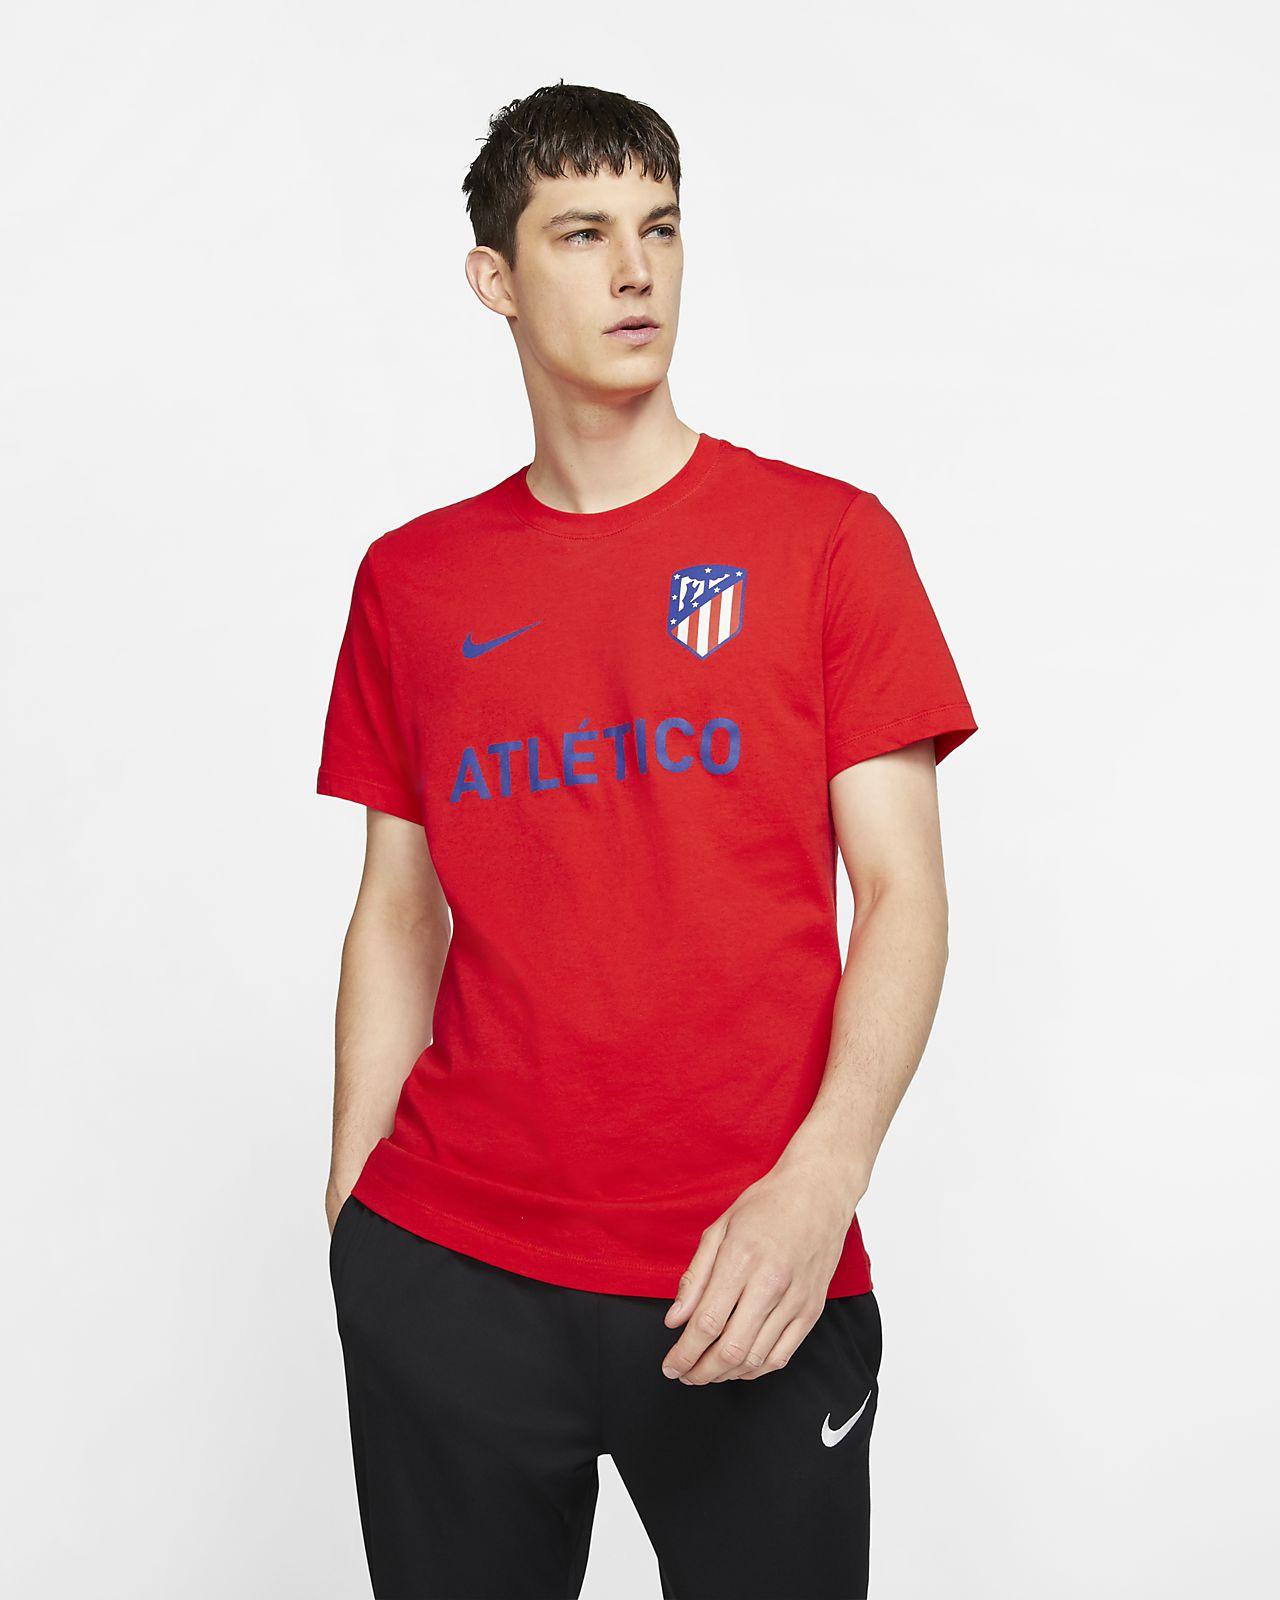 Playera para hombre Atletico de Madrid